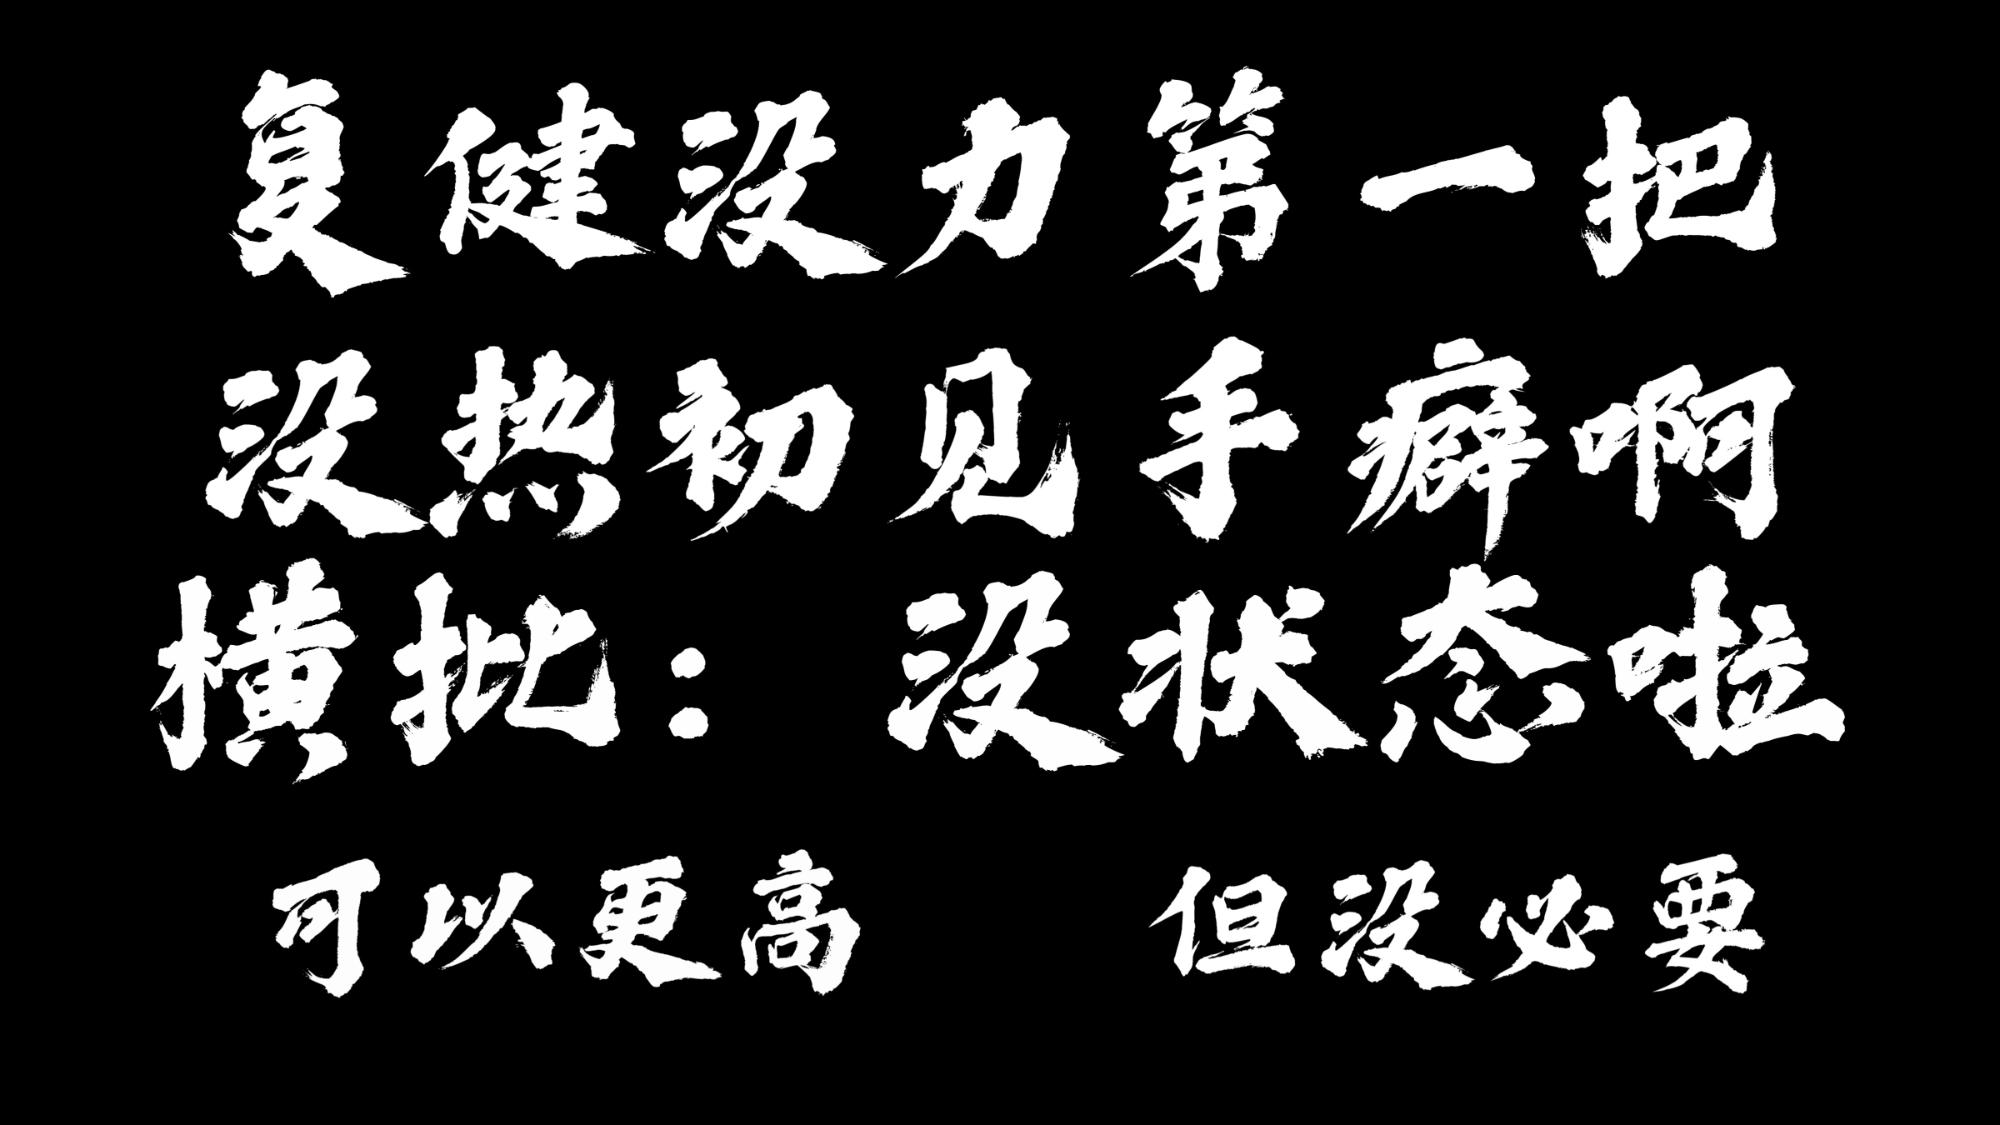 12.21直播录像剪辑